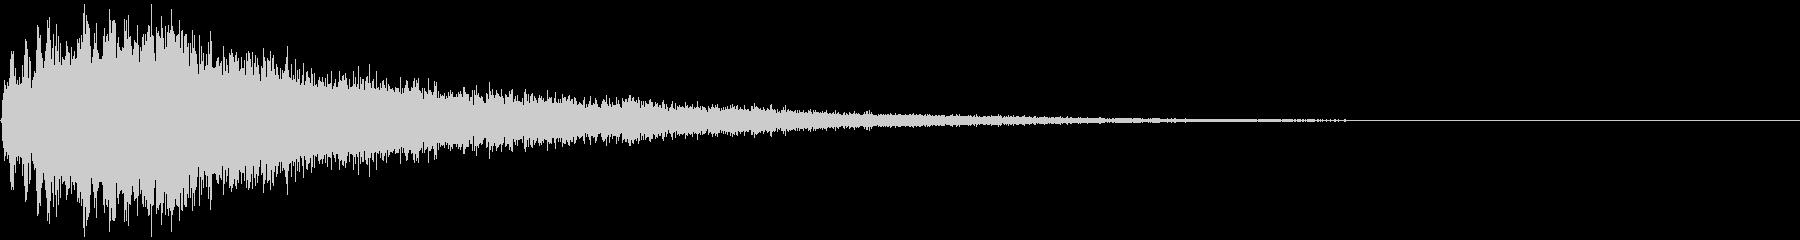 【ホラーゲーム】シンバルの音_ジャーンの未再生の波形